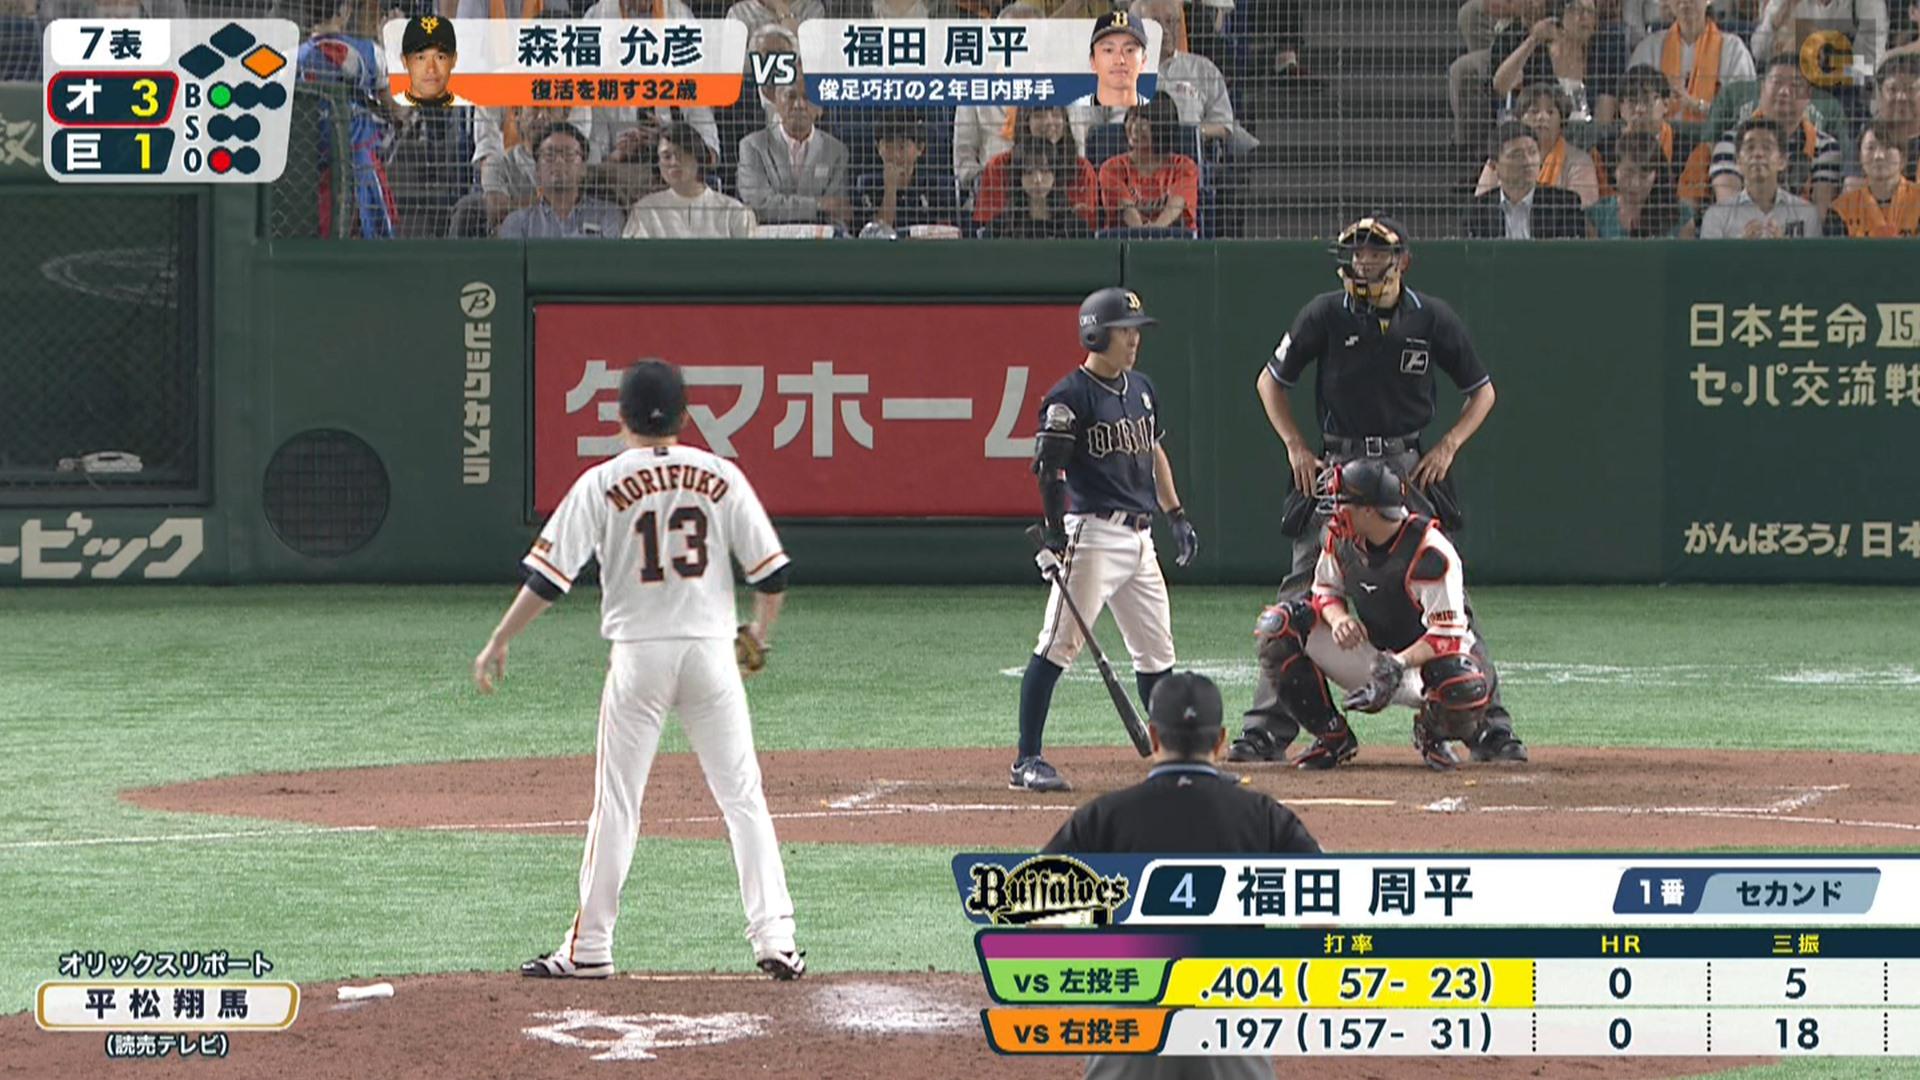 原監督、左投手の方が得意な打者に森福をワンポイント起用